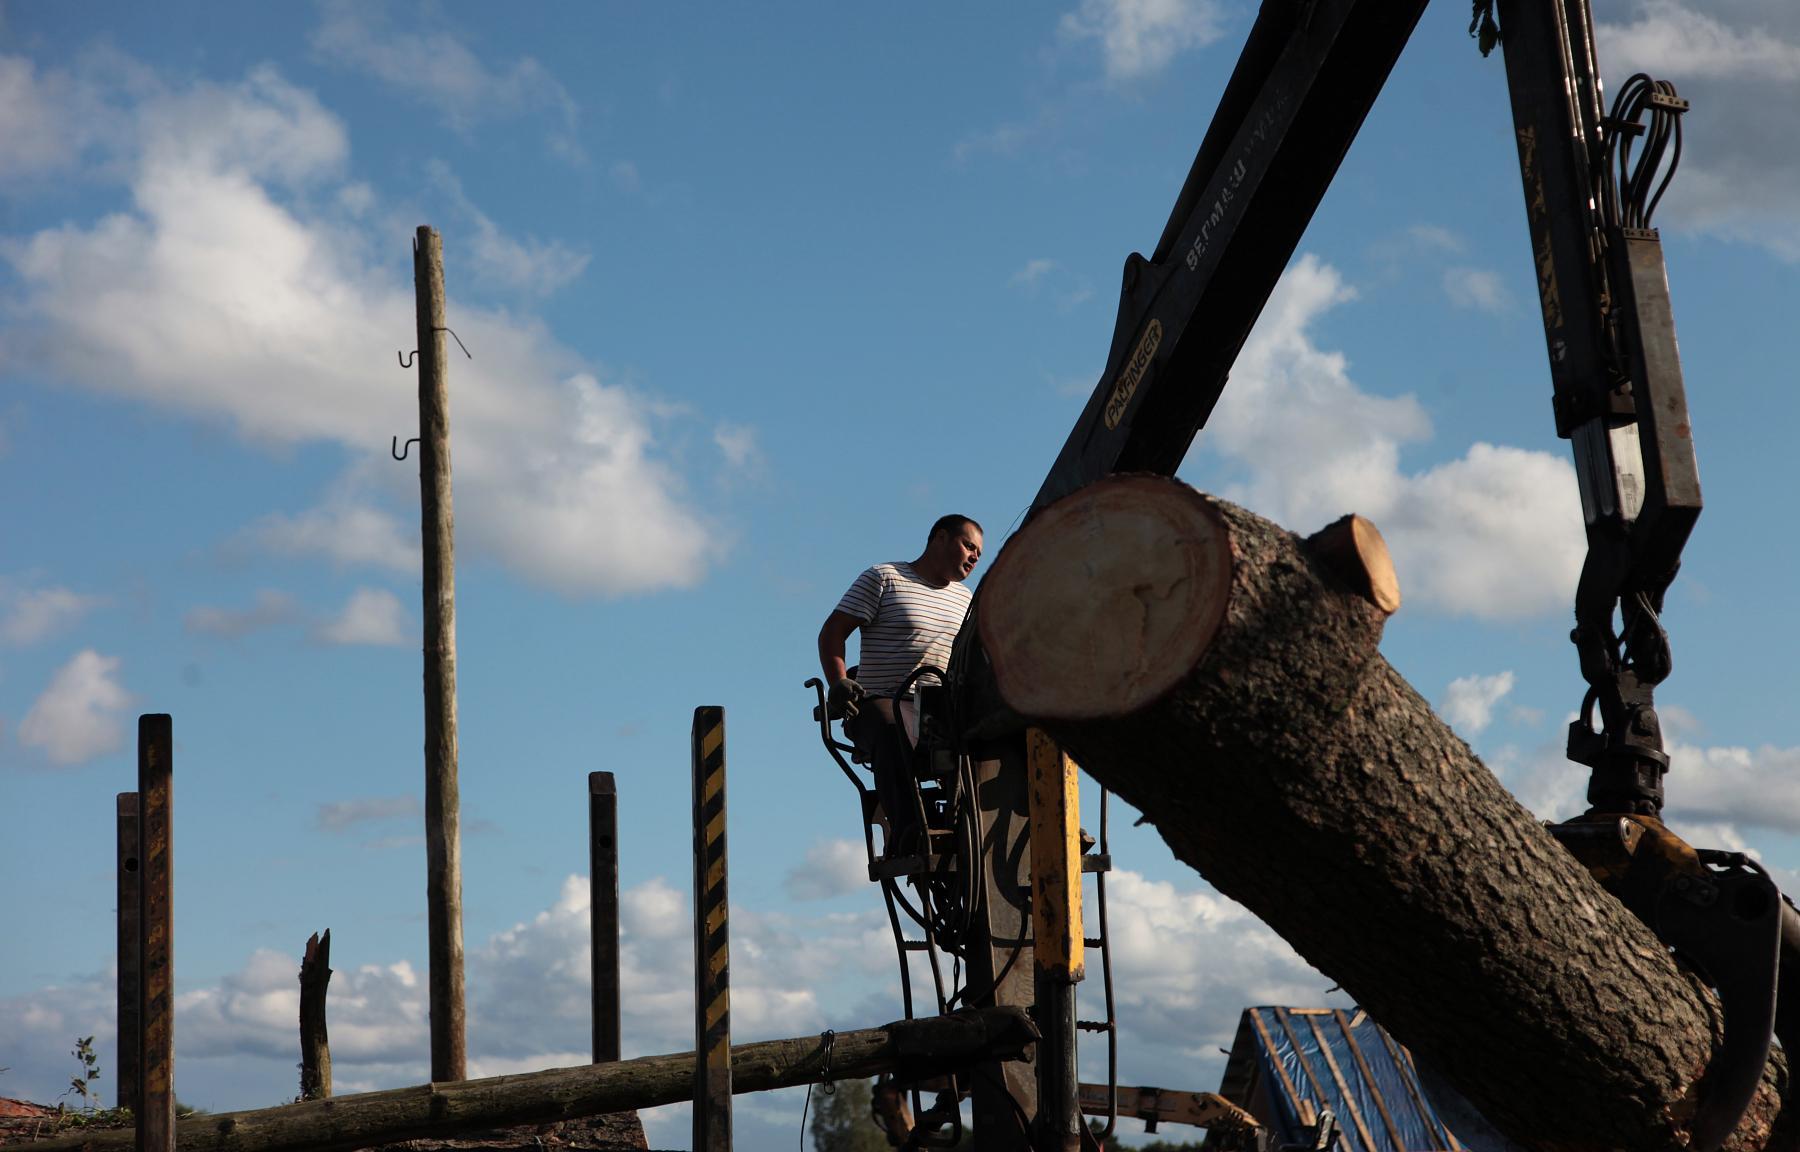 В Андреаполе Тверской области продолжаются восстановительные работы после прошедшего смерча